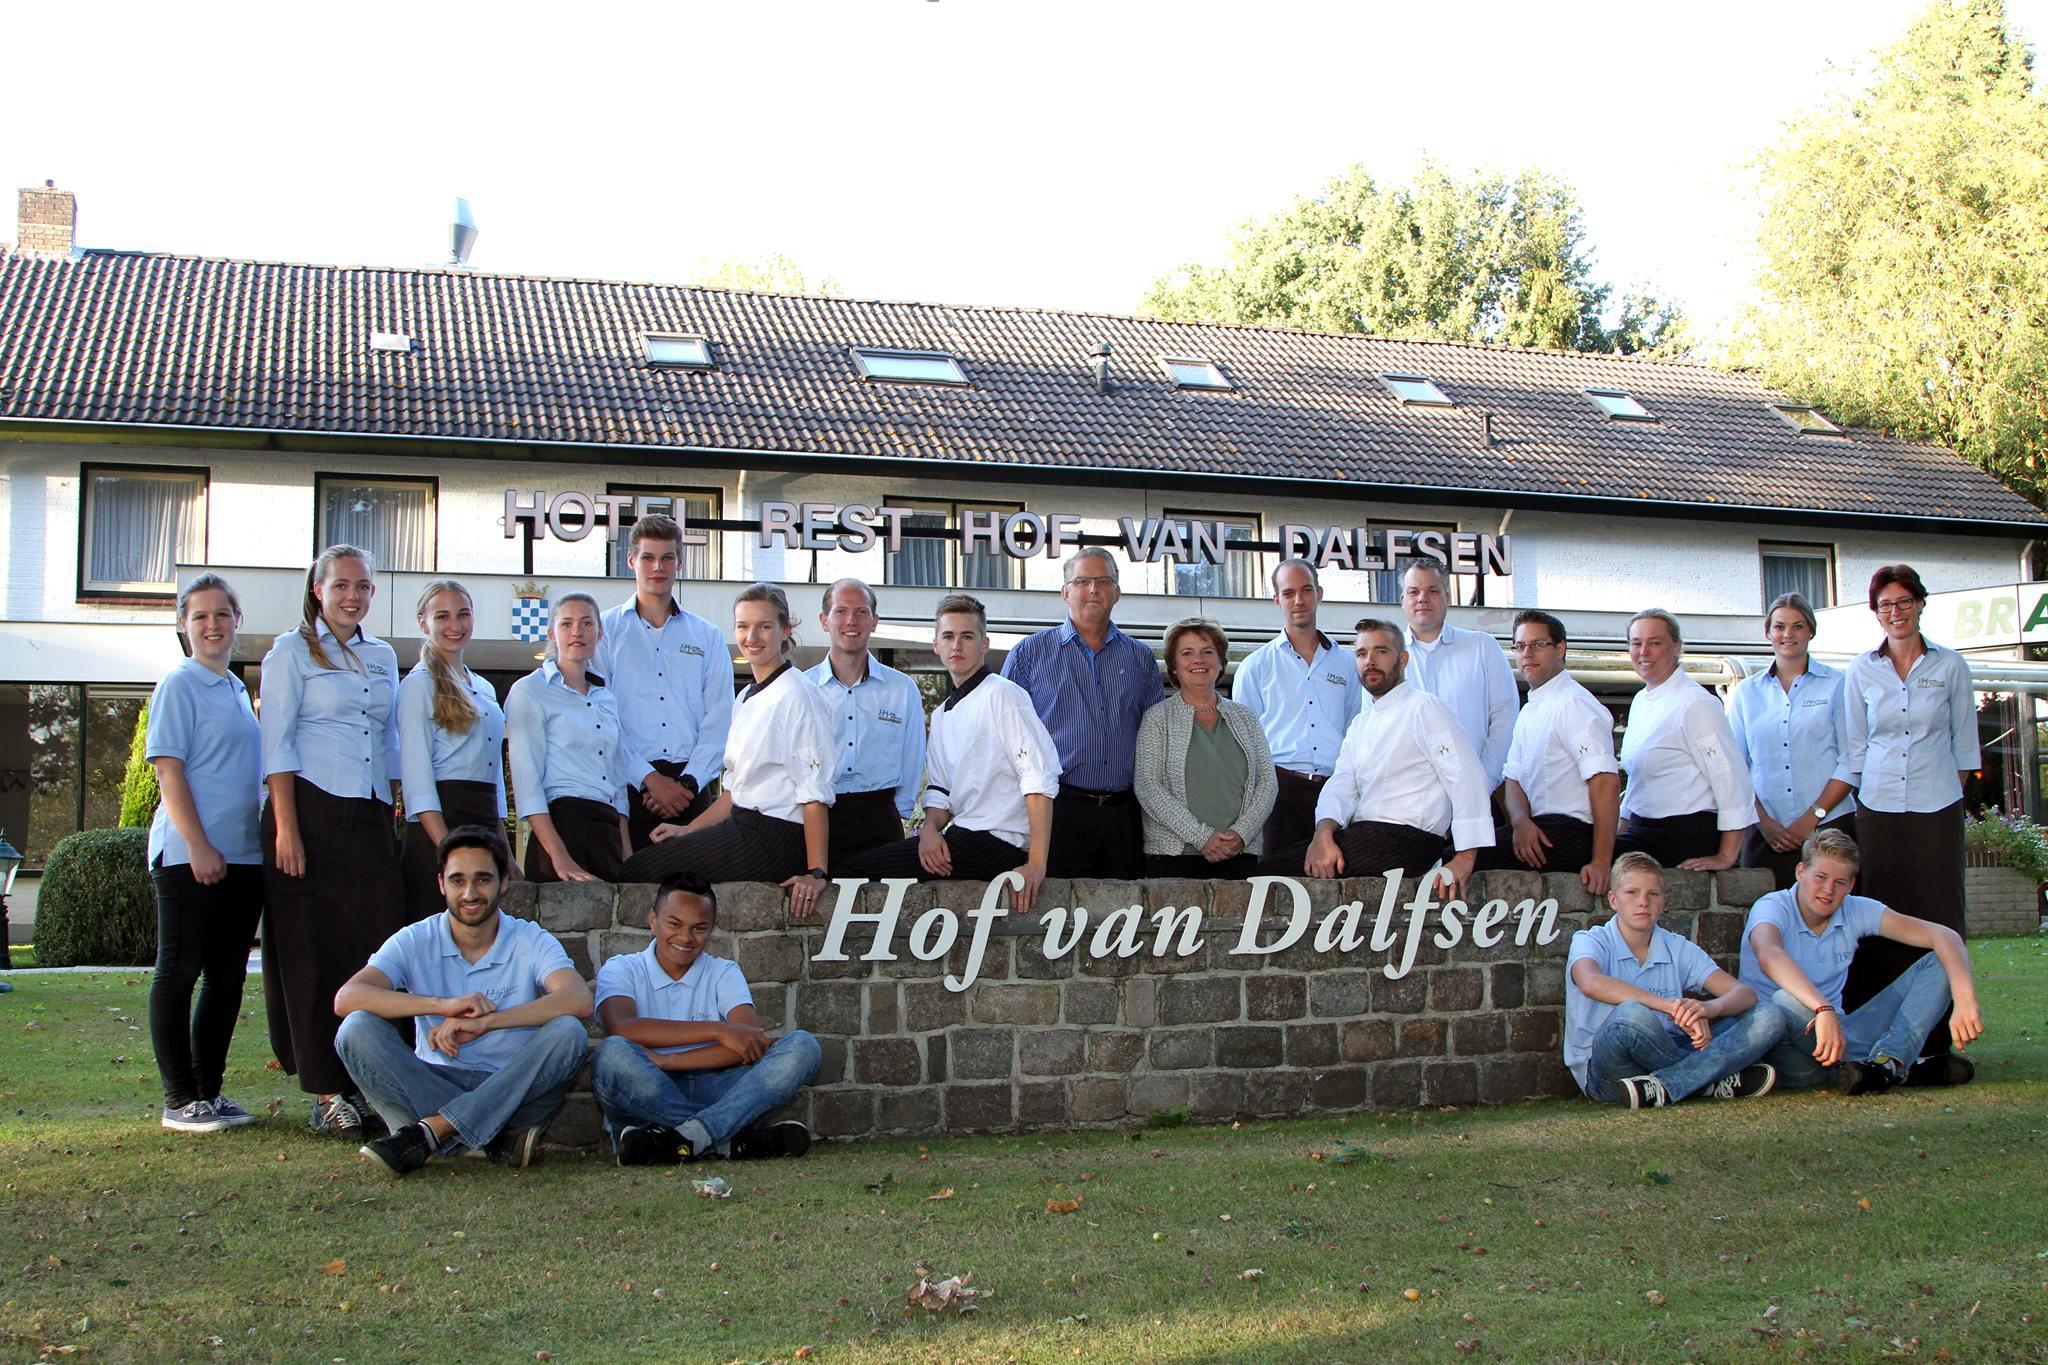 personeel-hof_van_dalfsen